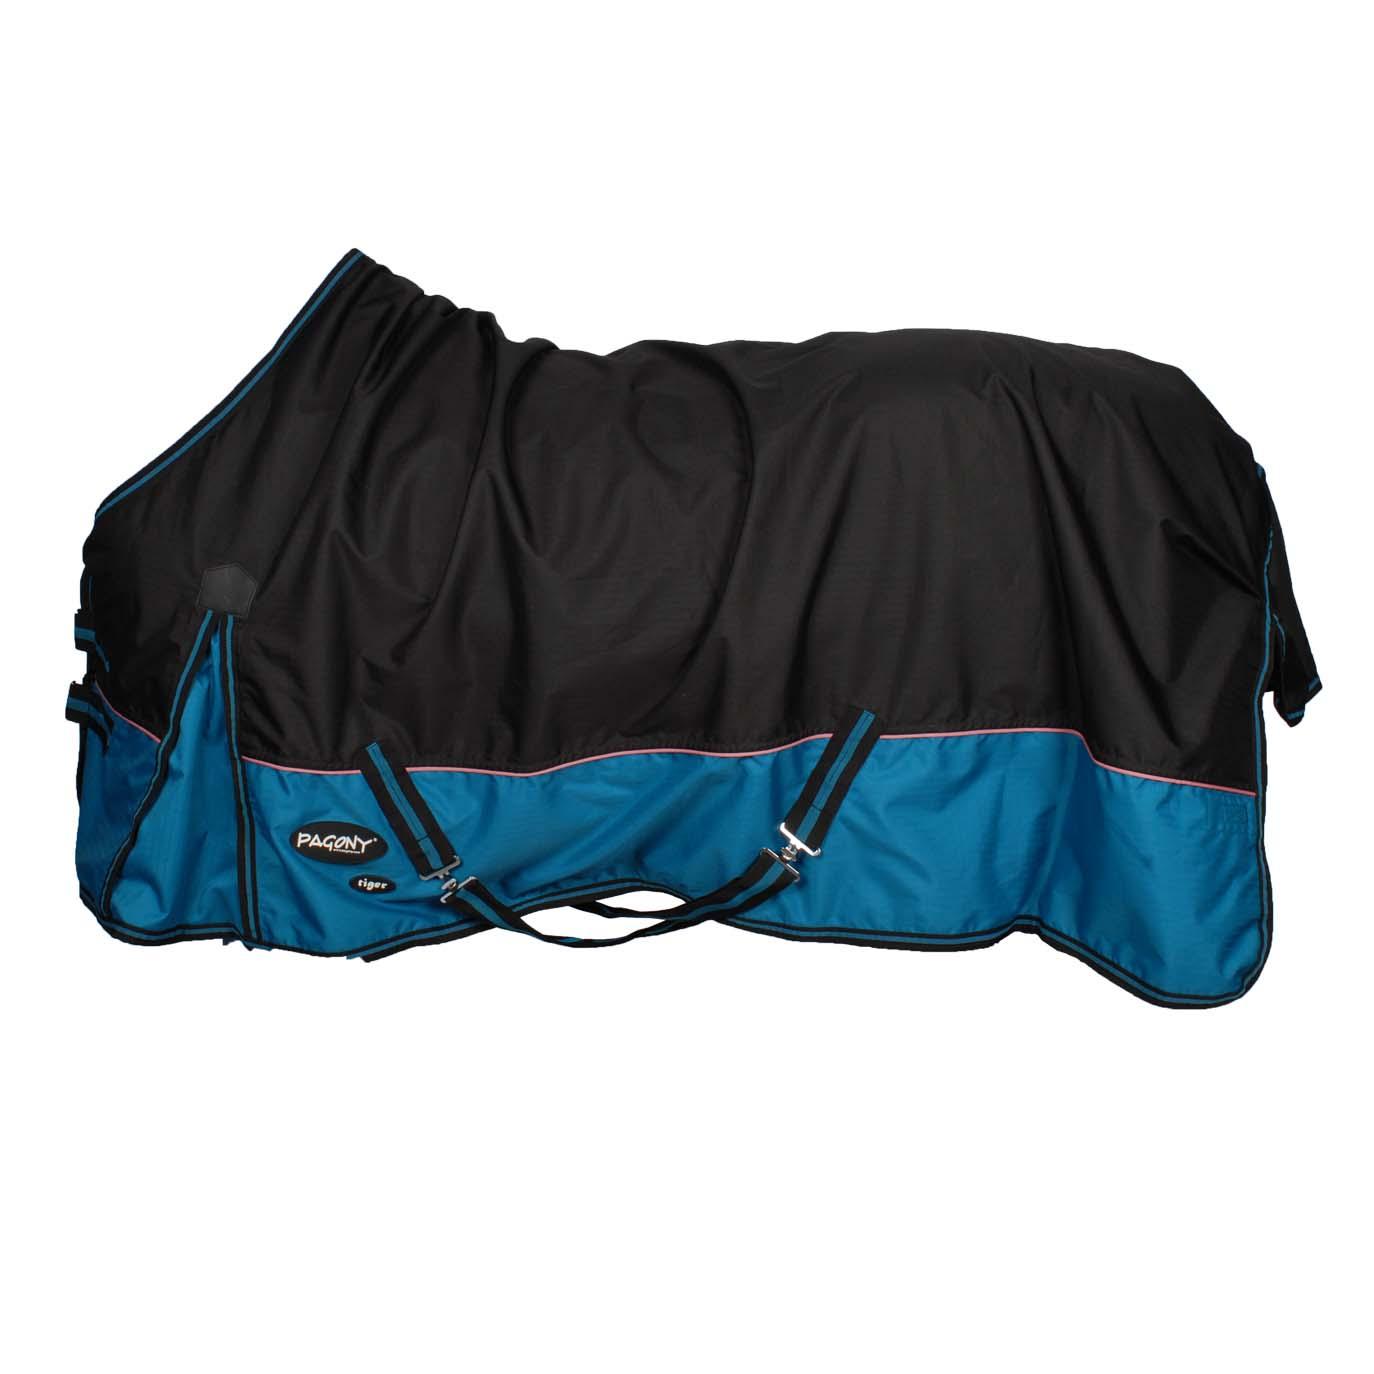 Pagony Tiger 200gr outdoor deken zwart maat:215